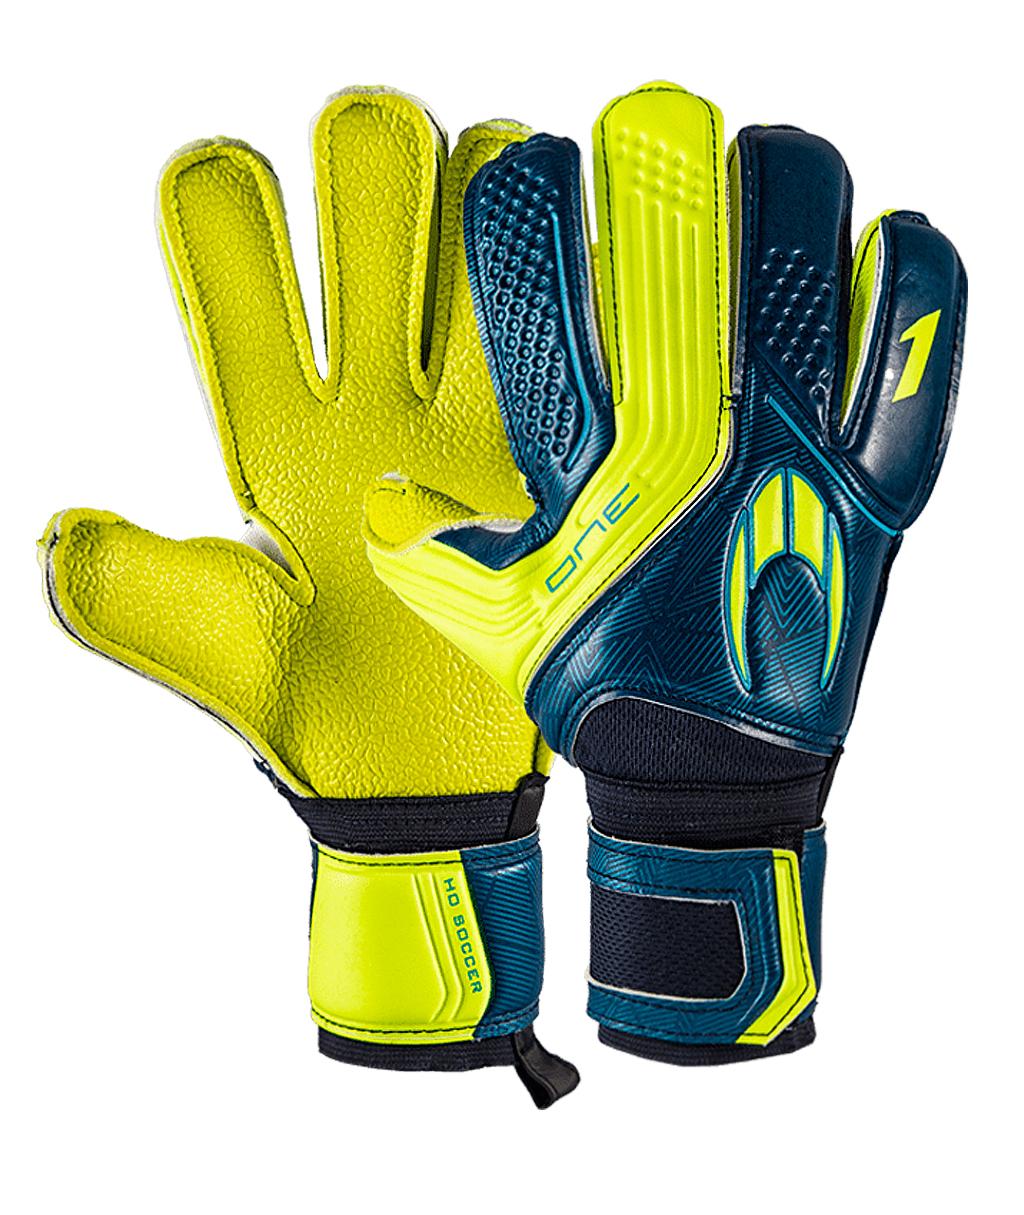 Купить перчатки HO Soccer One Flat Robust Deep Blue 051.0941